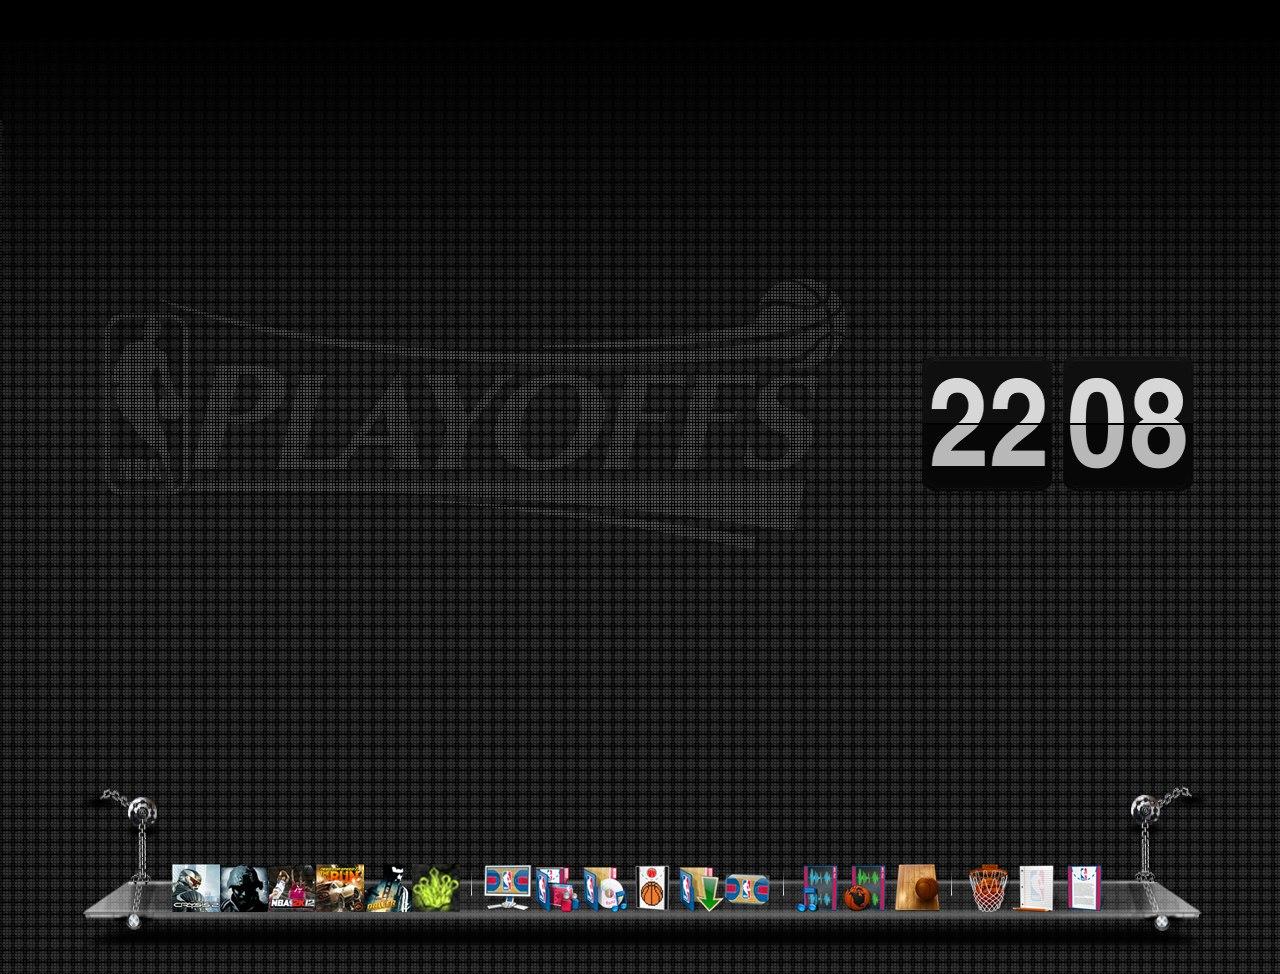 РокетДок плей-офф нба 2012